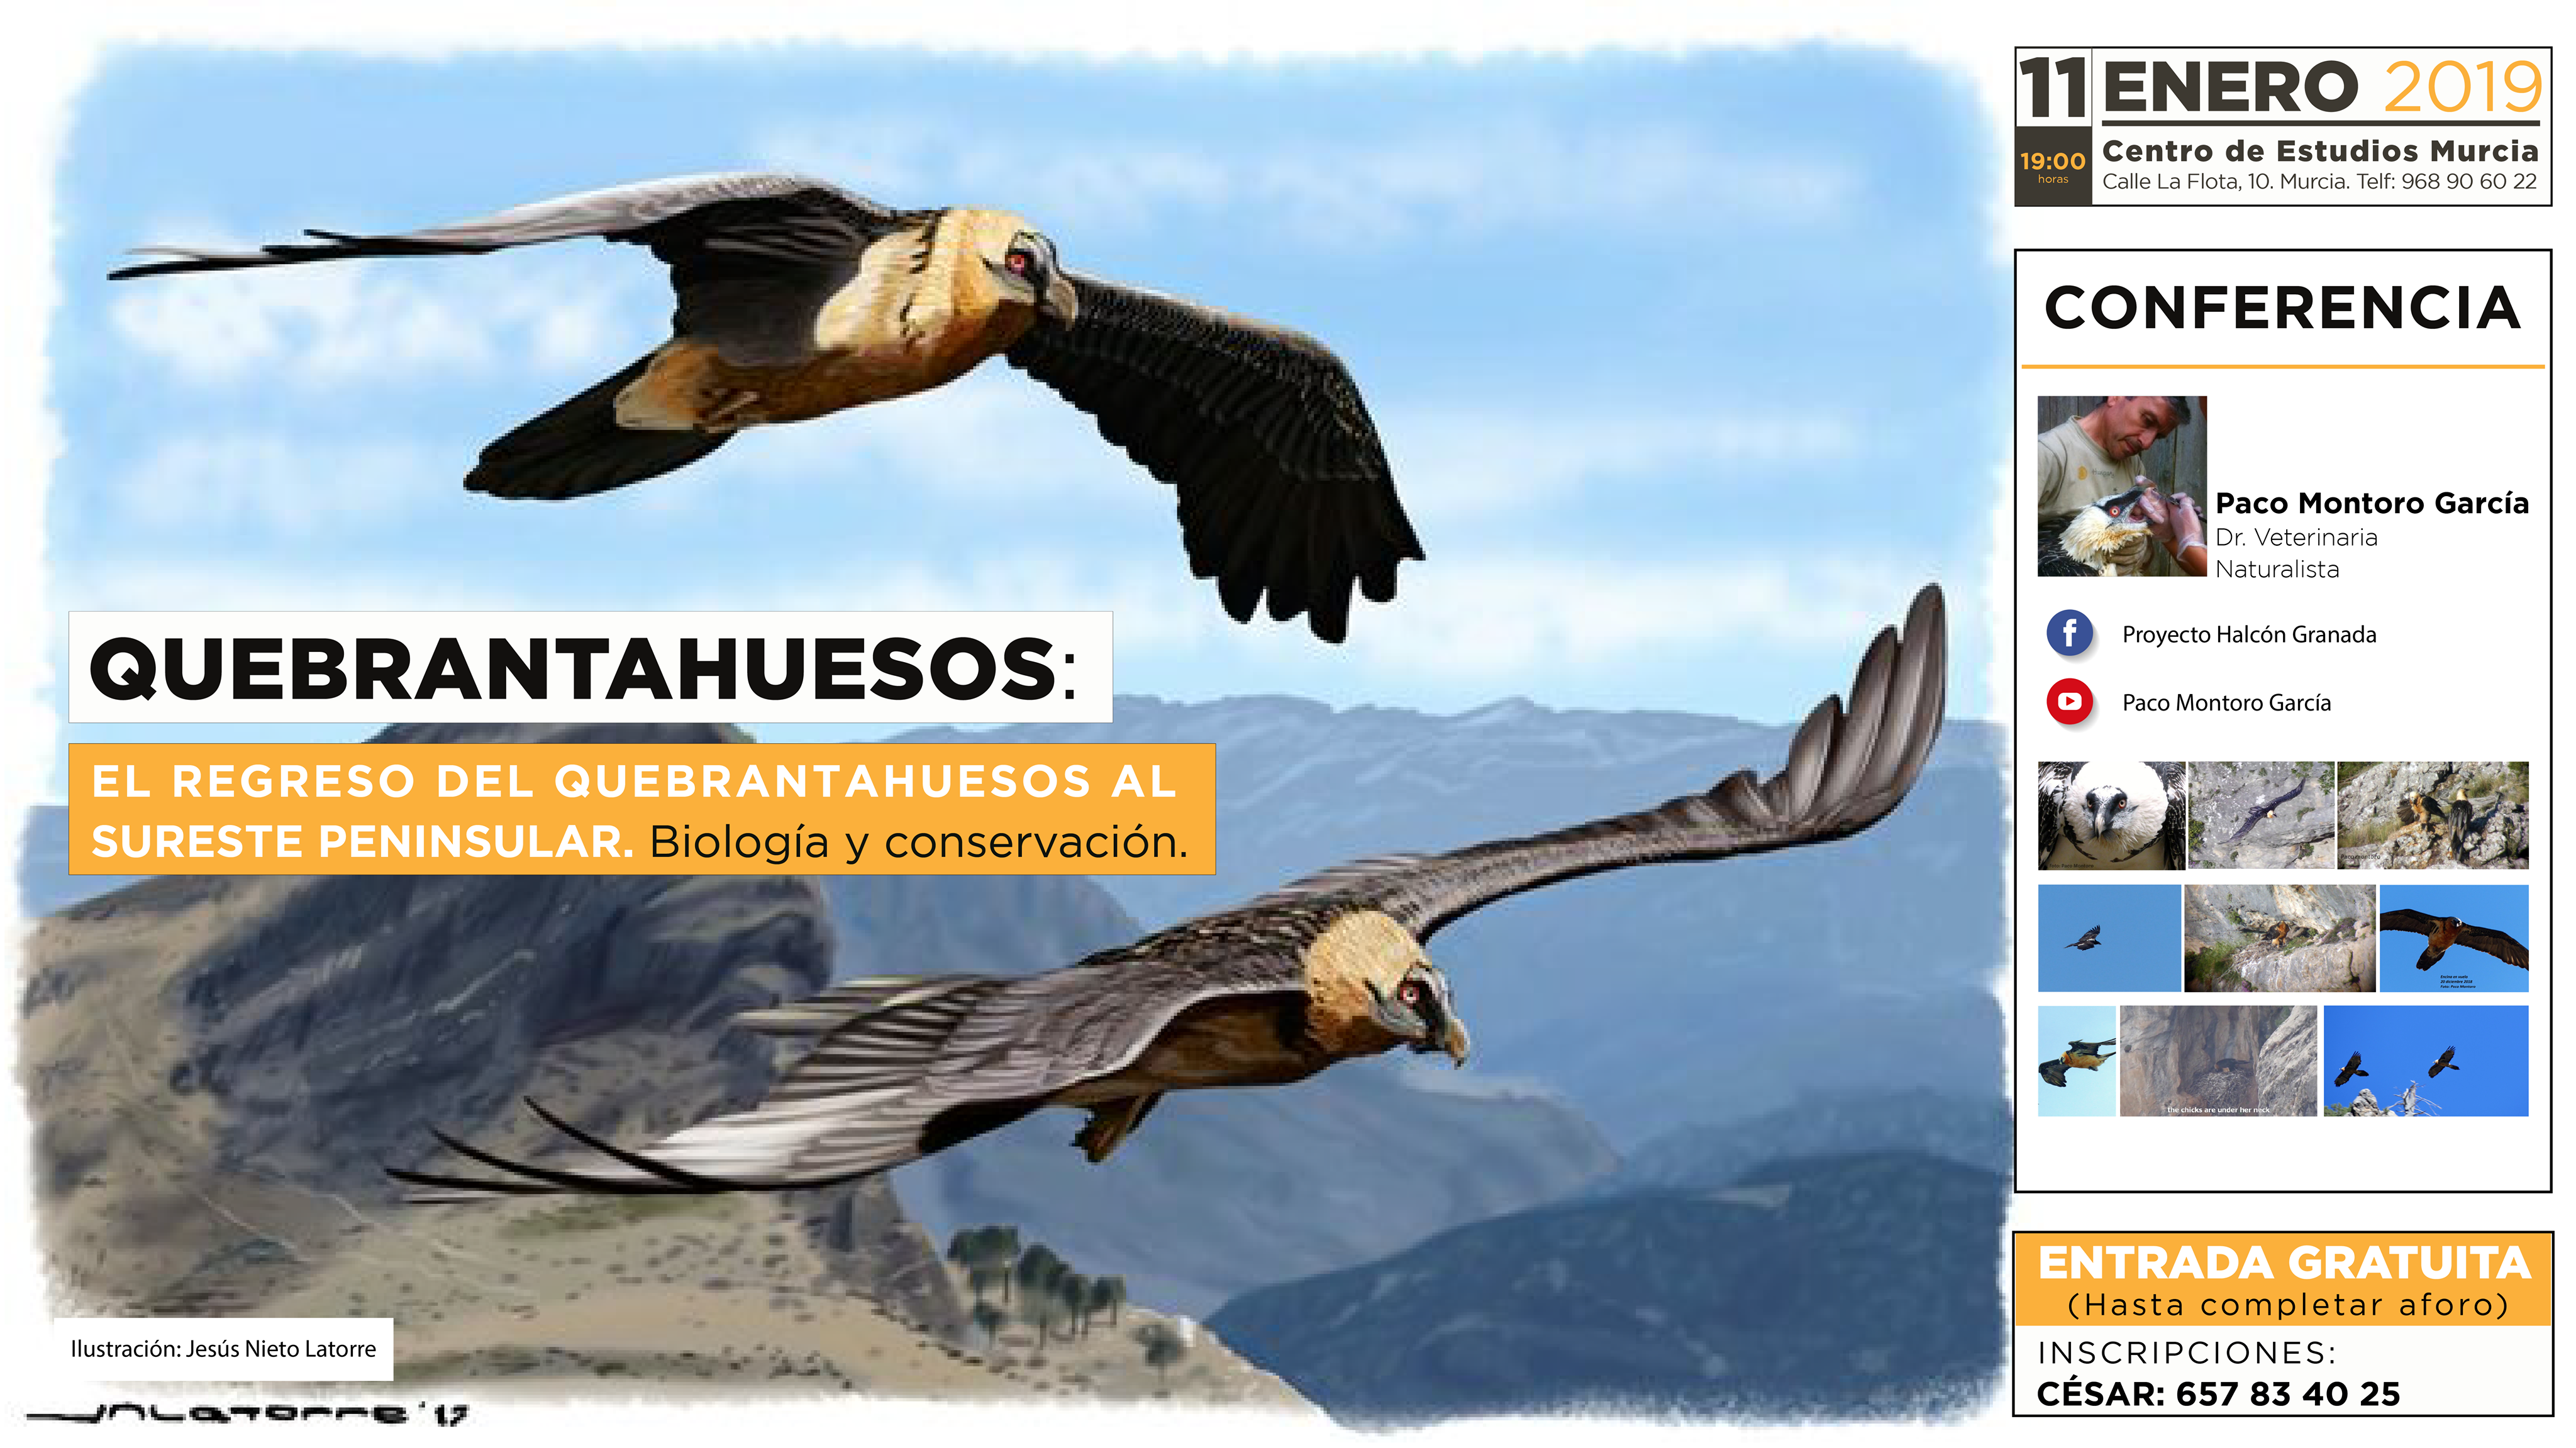 Conferencia sobre el quebrantahuesos, con el Centro de Estudios Murcia